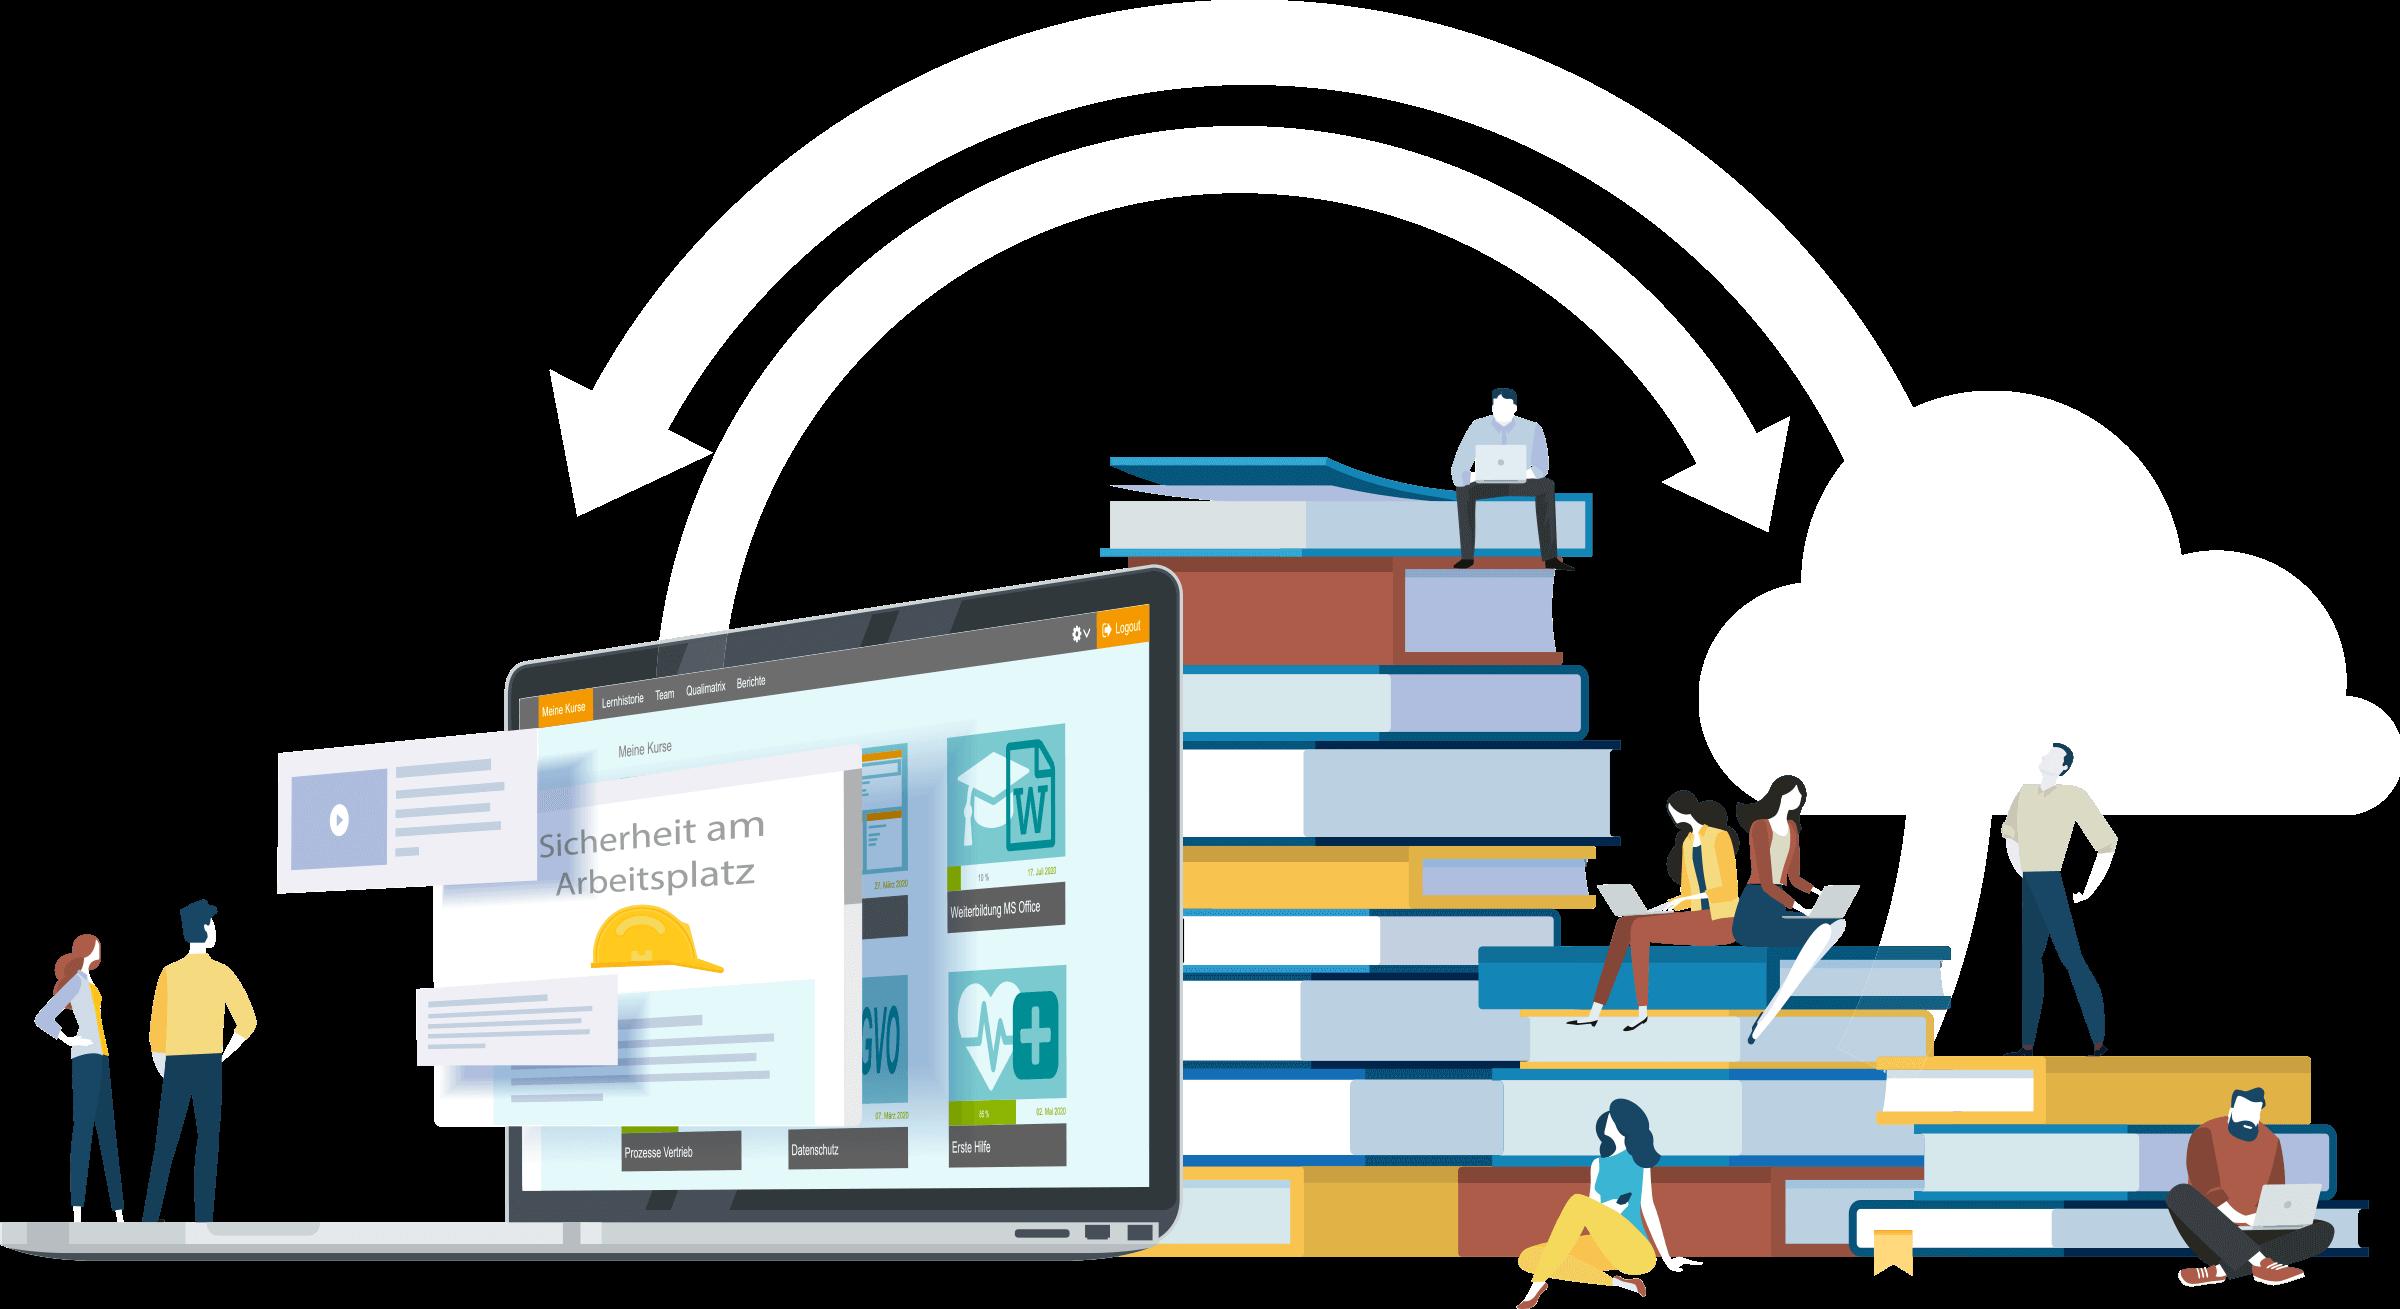 sycat eLU - Wir erstellen Ihre individuellen Lerninhalte und Standard-Unterweisungen